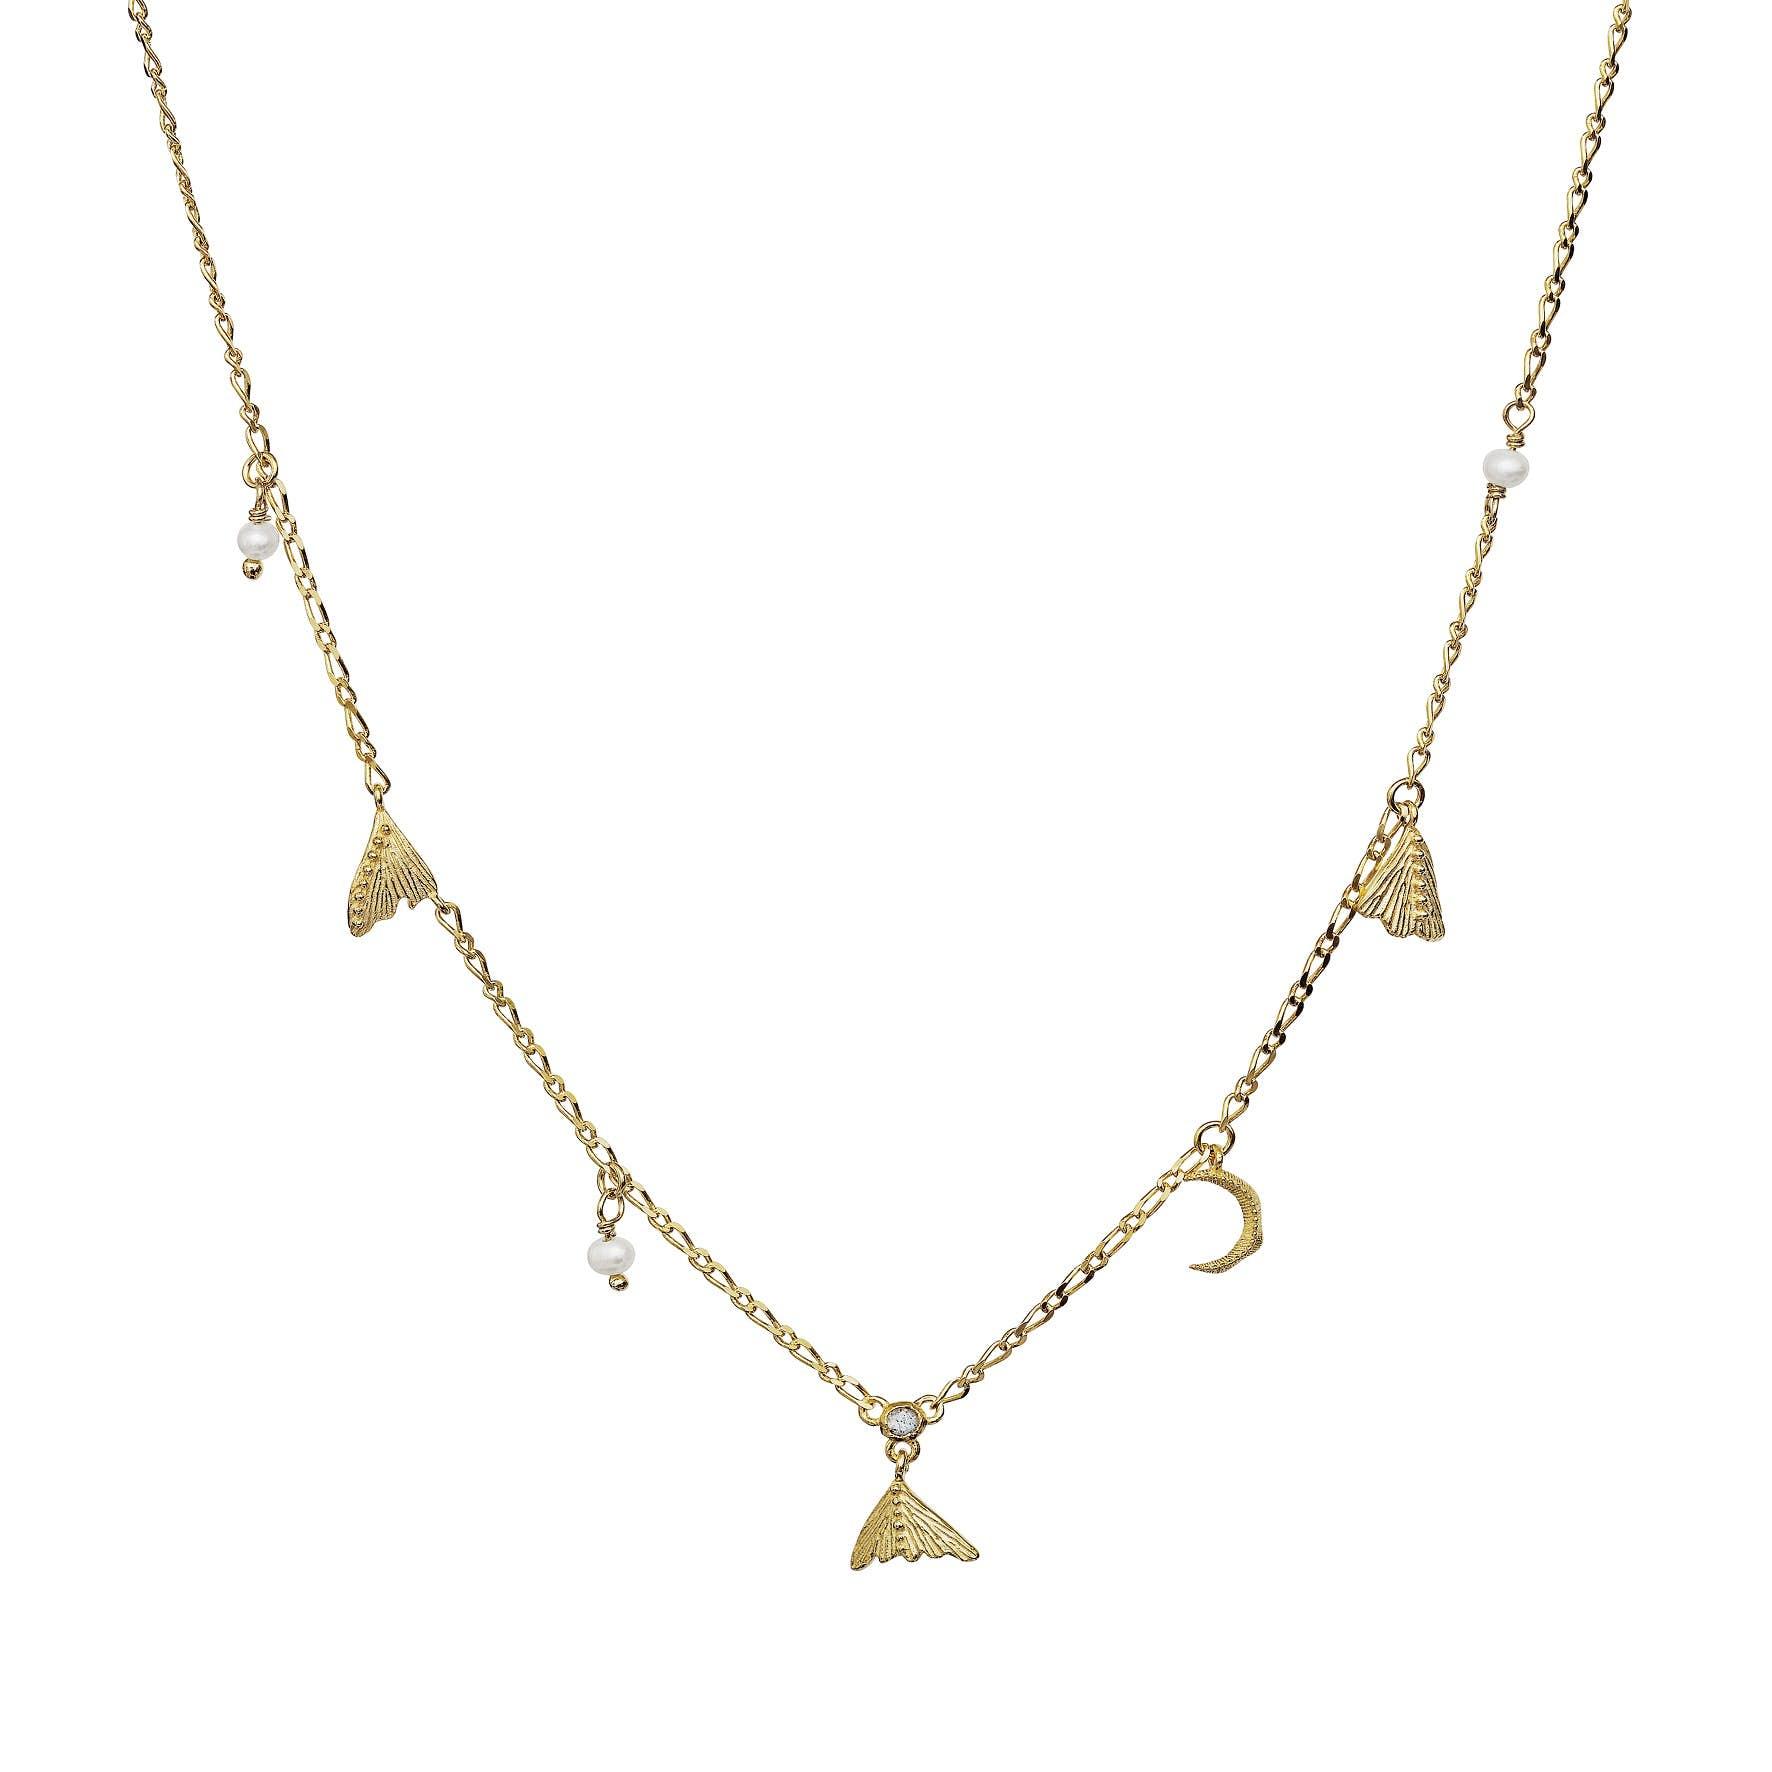 Nocha Necklace von Maanesten in Vergoldet-Silber Sterling 925